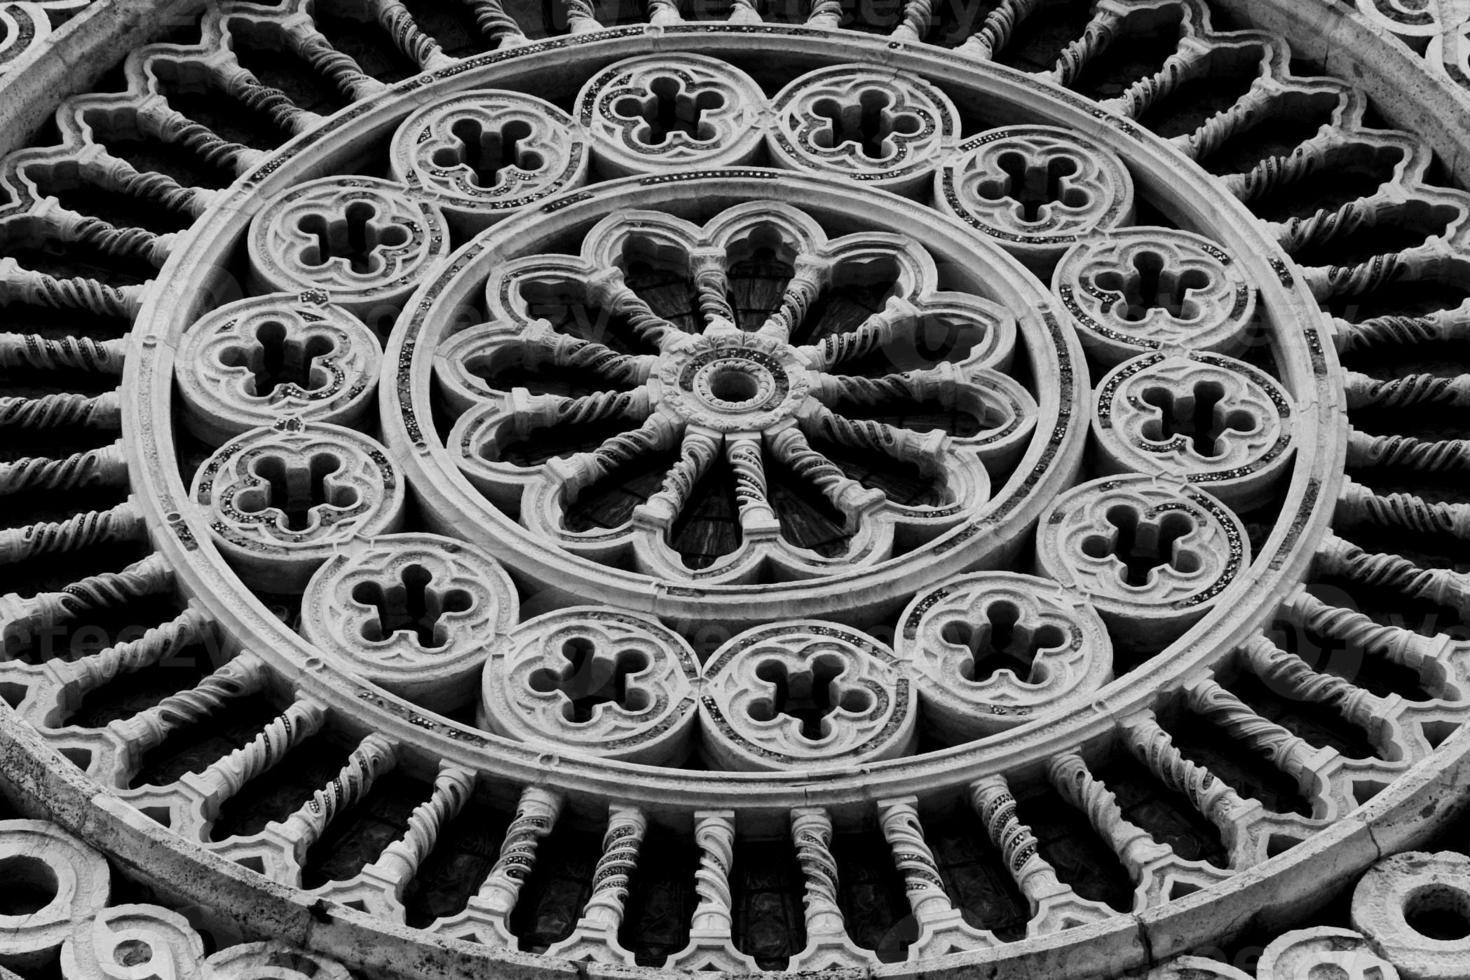 S t. Detalle de la iglesia de Chiara foto